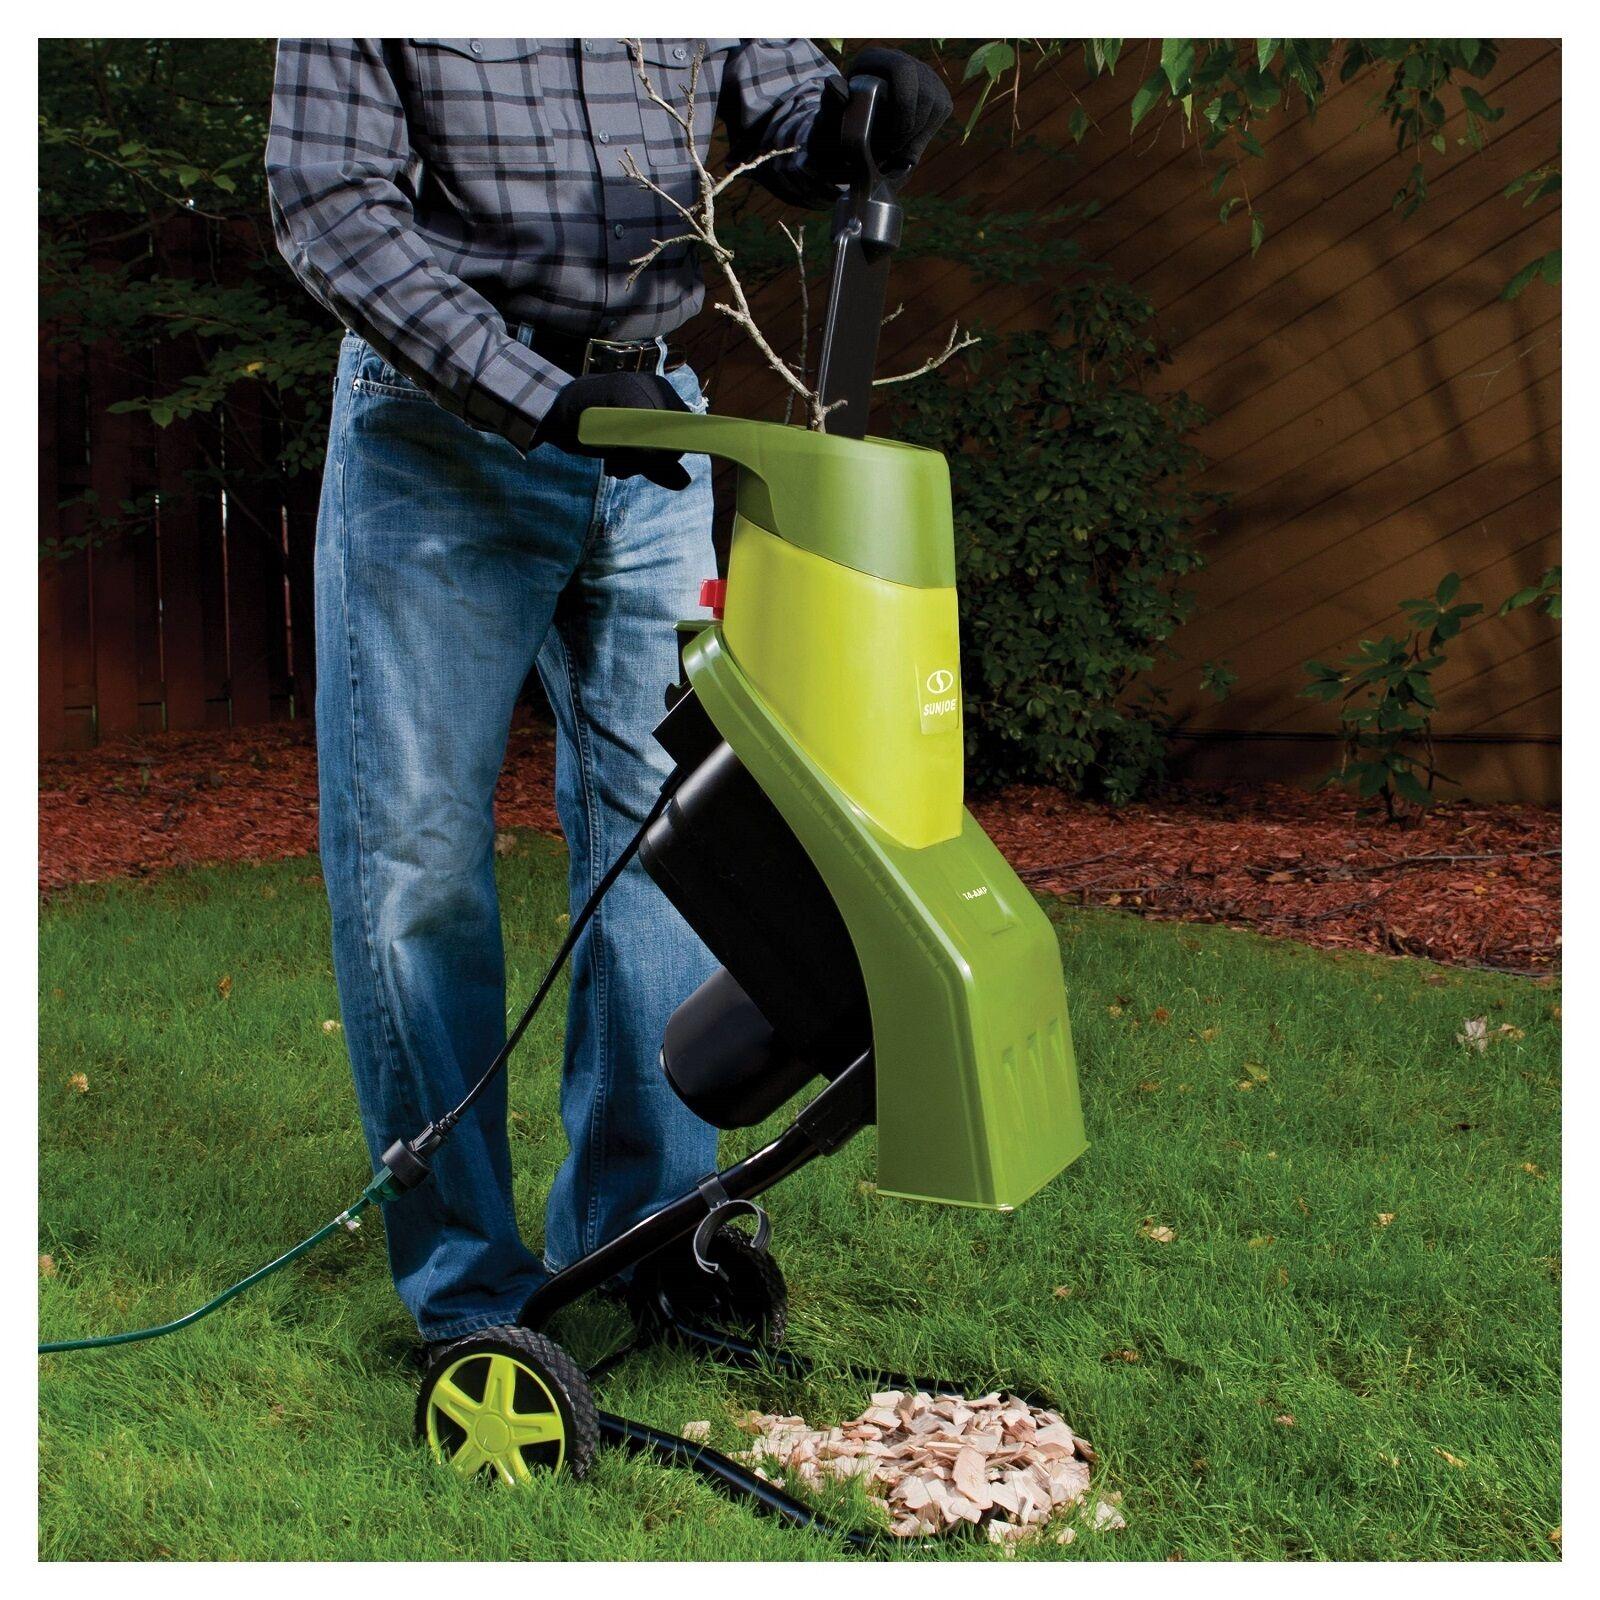 Wood Chipper Grinder Shredder Electric Mulcher Garden Yard Lawn Branch Leaf New